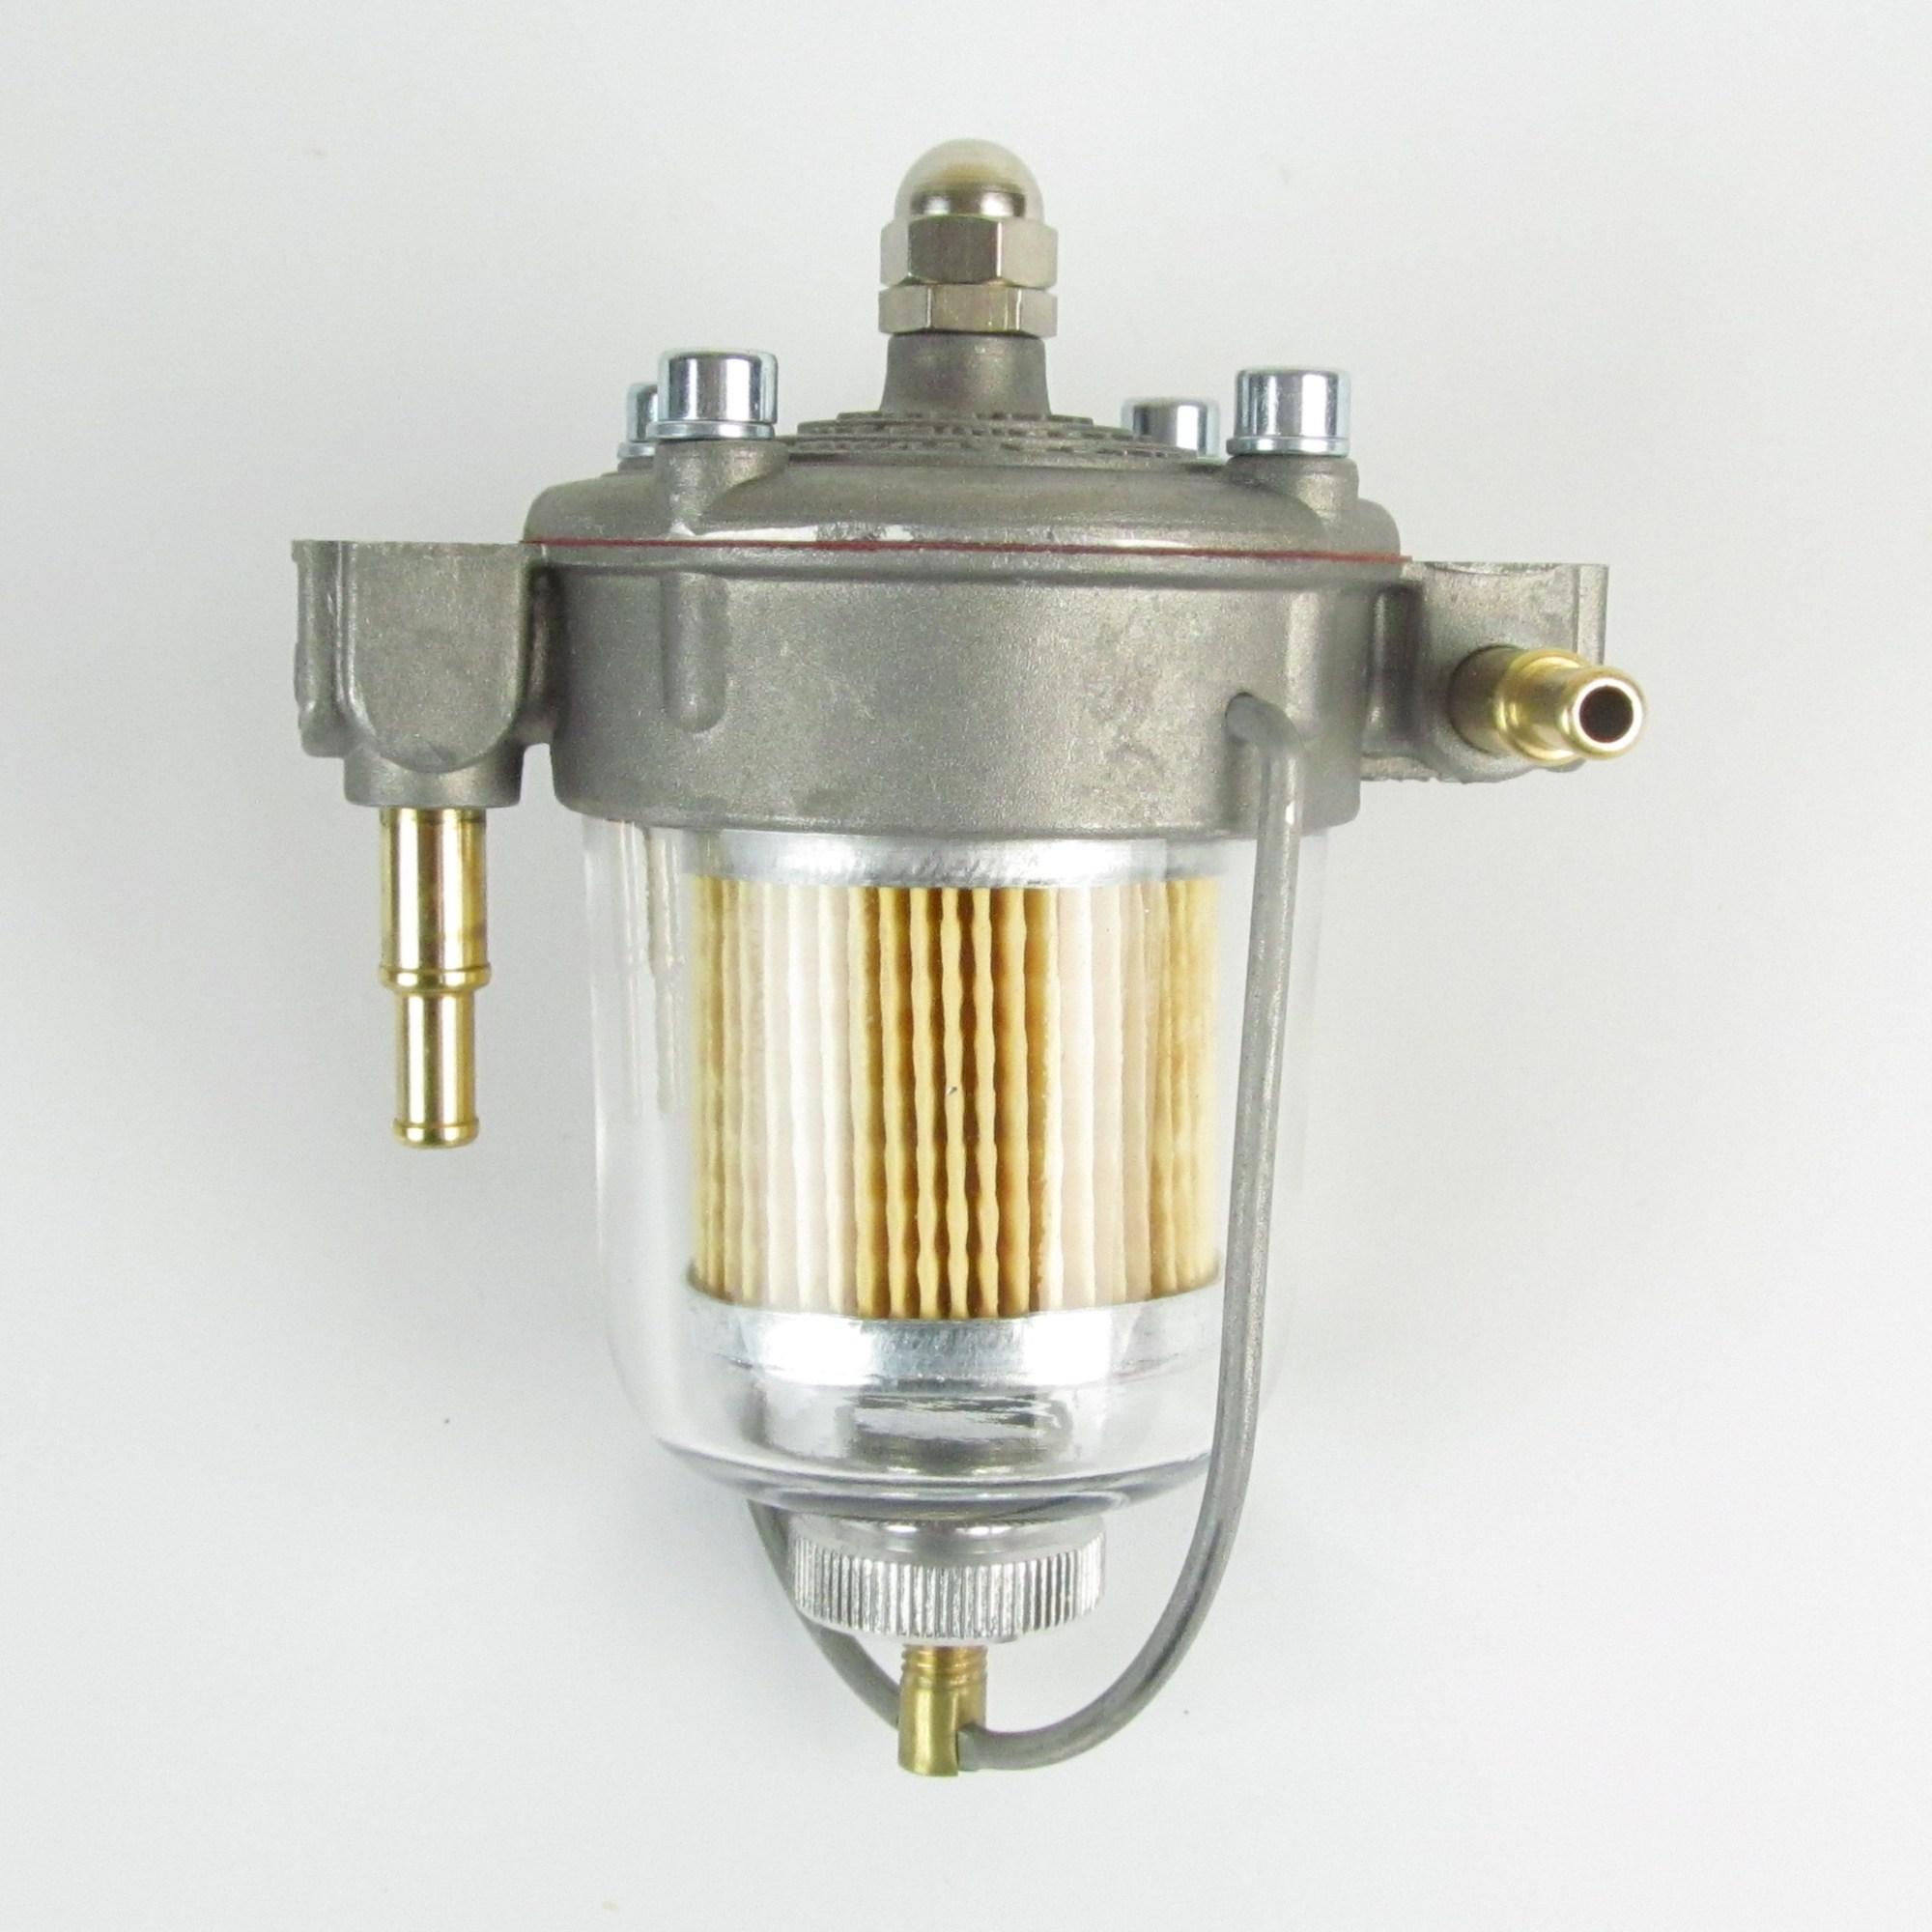 hight resolution of malpassi filter king pressure regulator 67mm